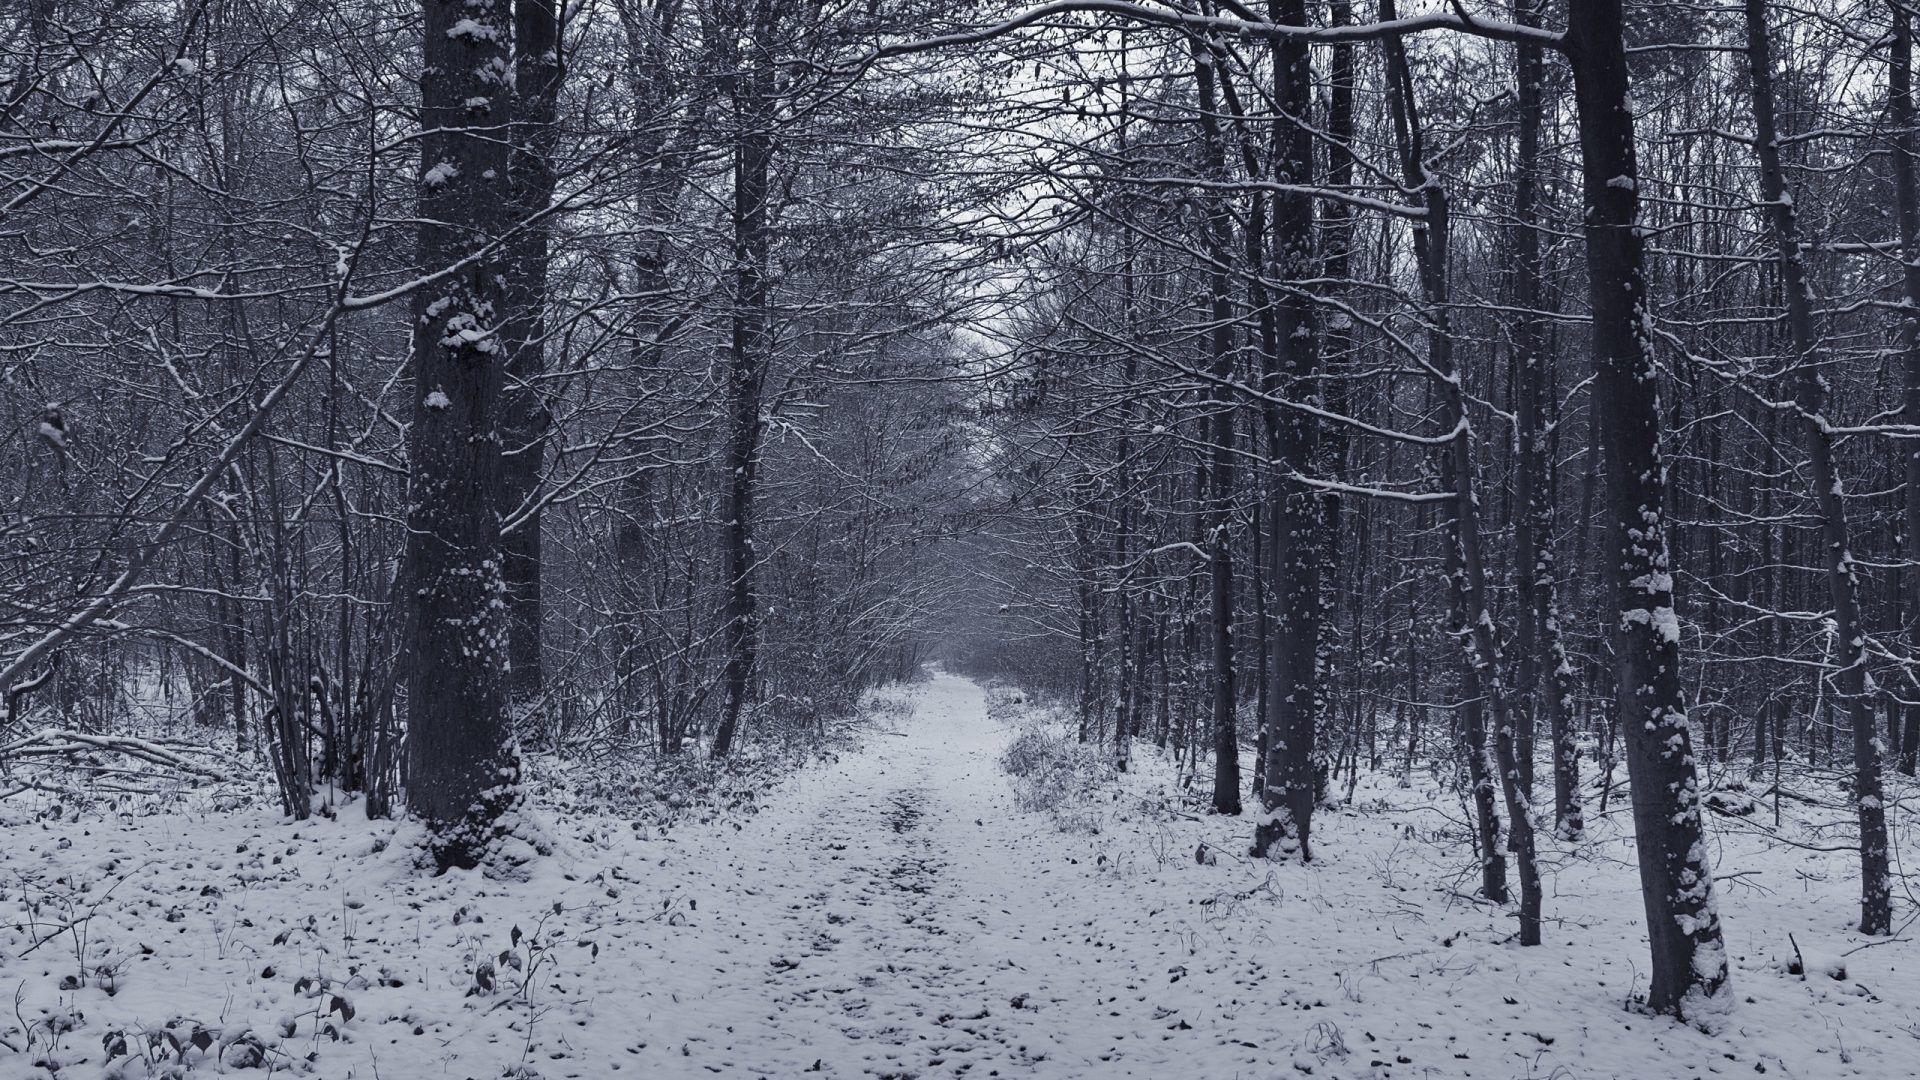 Tracks Spruce Pine Winter Forest Track Snow Winter Scenery Winter Wallpaper Desktop Winter Wallpaper